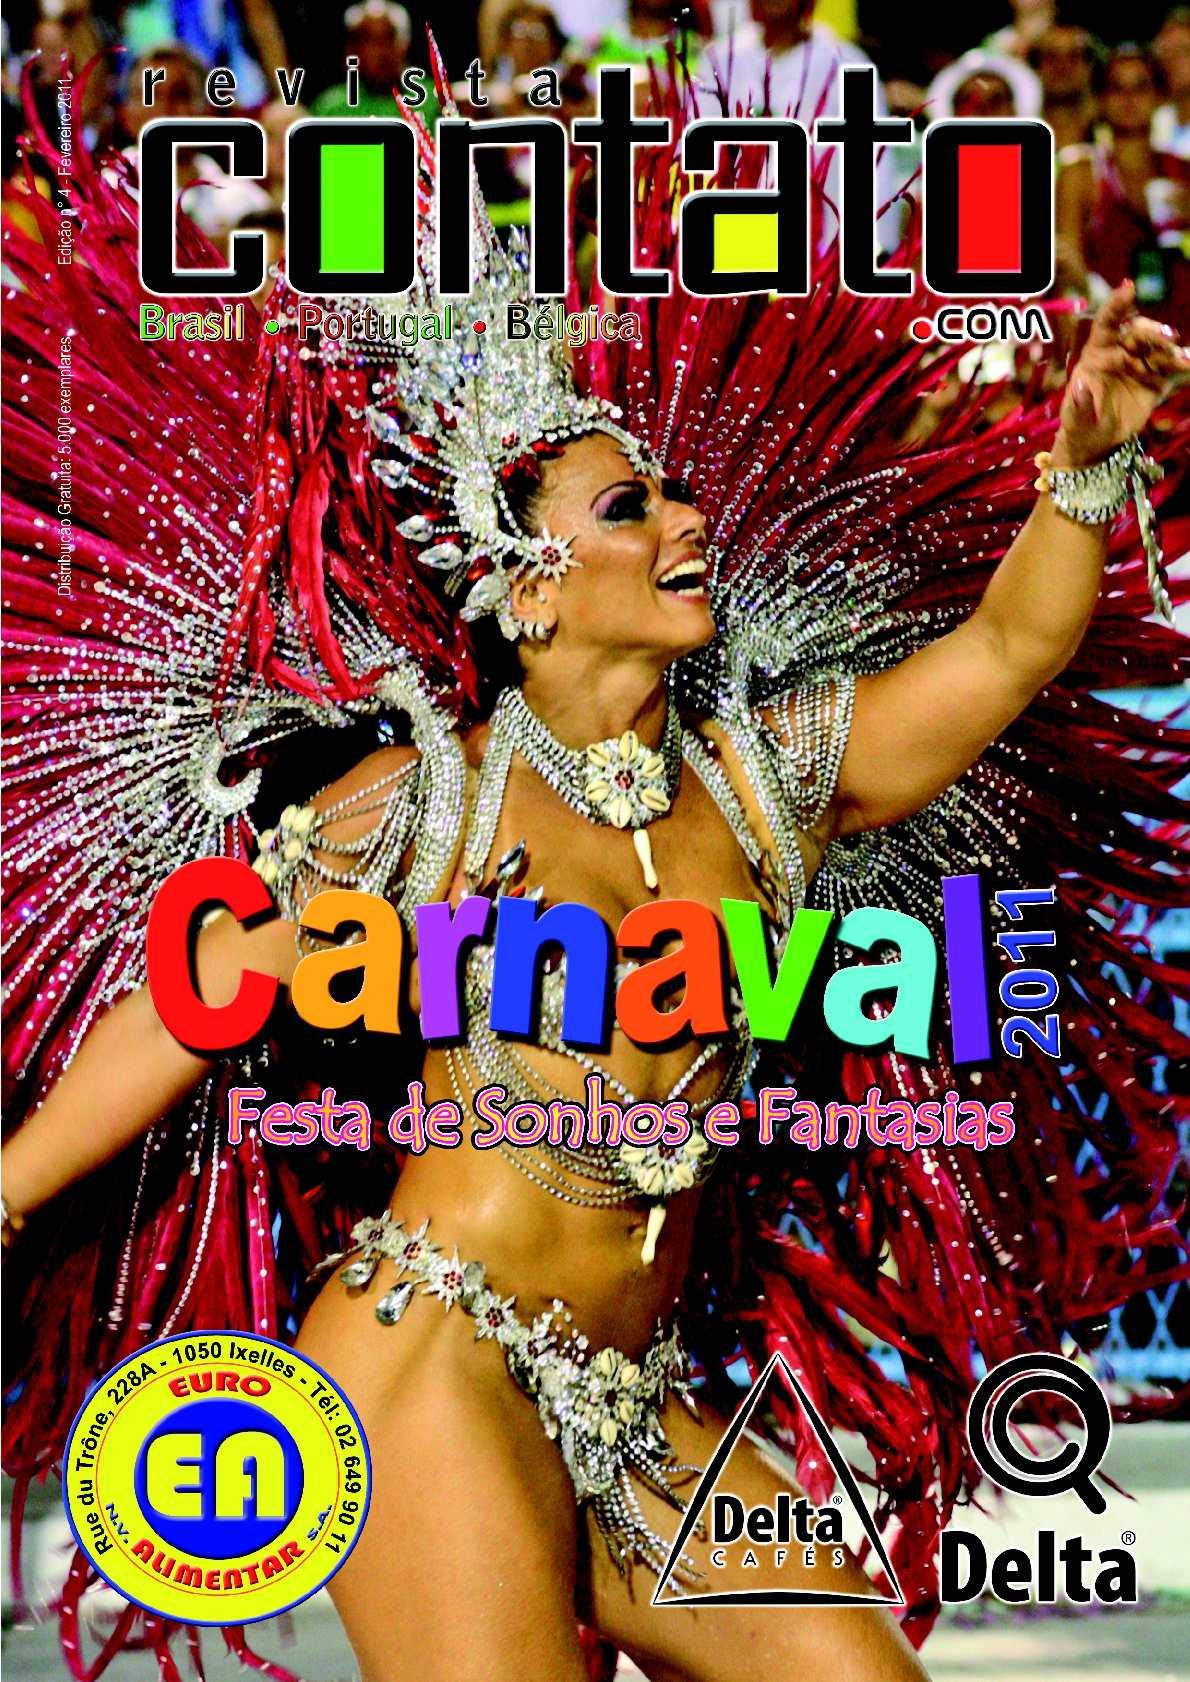 www.revistacontato.com - Revista Contato - Fevereiro 2011